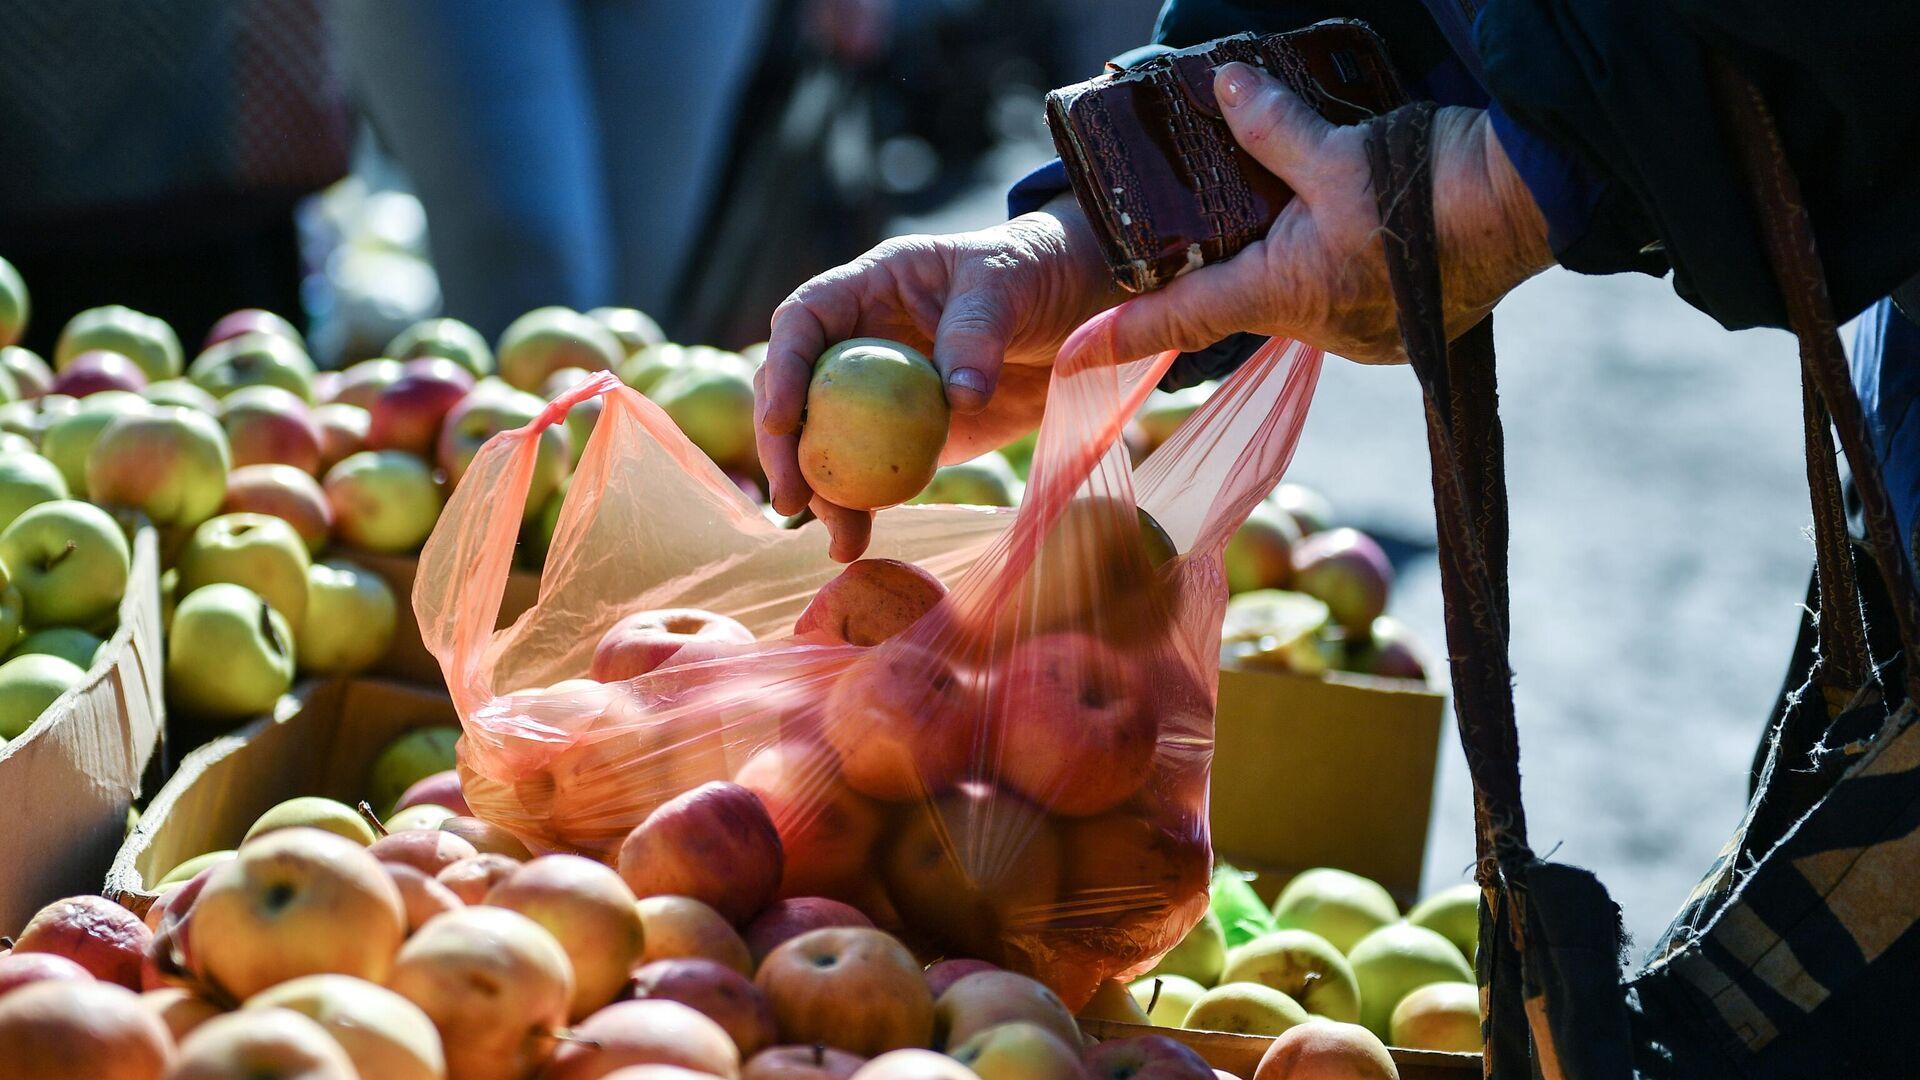 Круглогодичная ярмарка кубанских продуктов может открыться в Москве